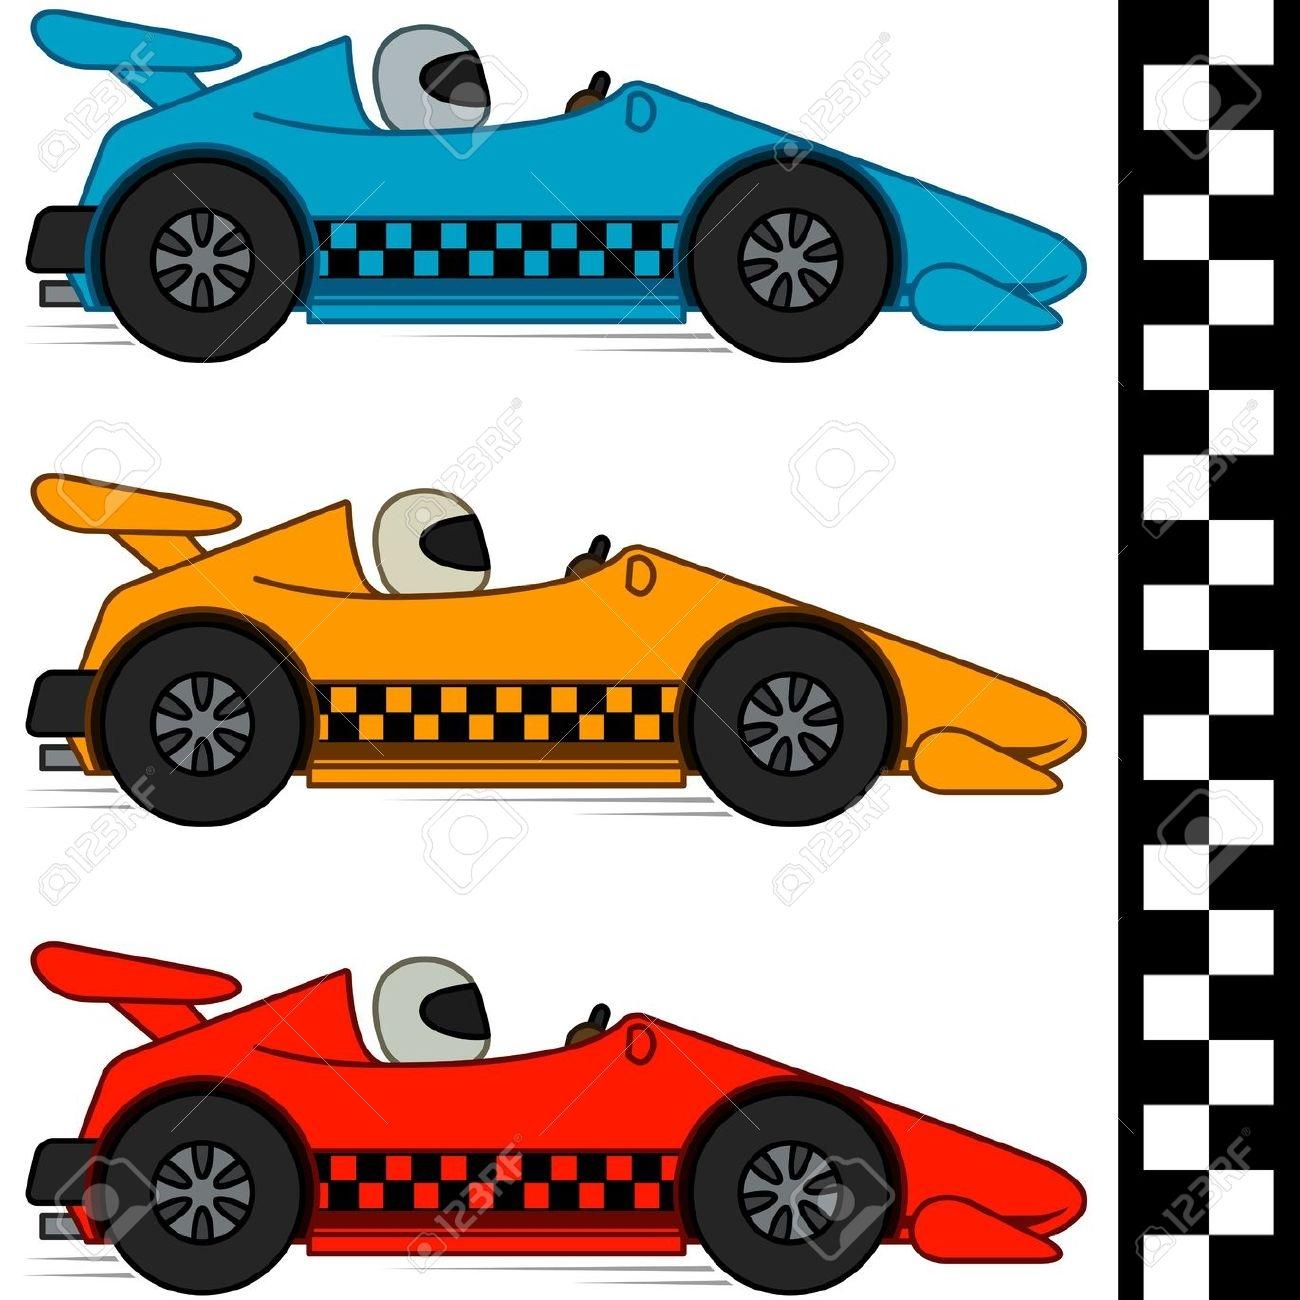 119 Racecar free clipart.